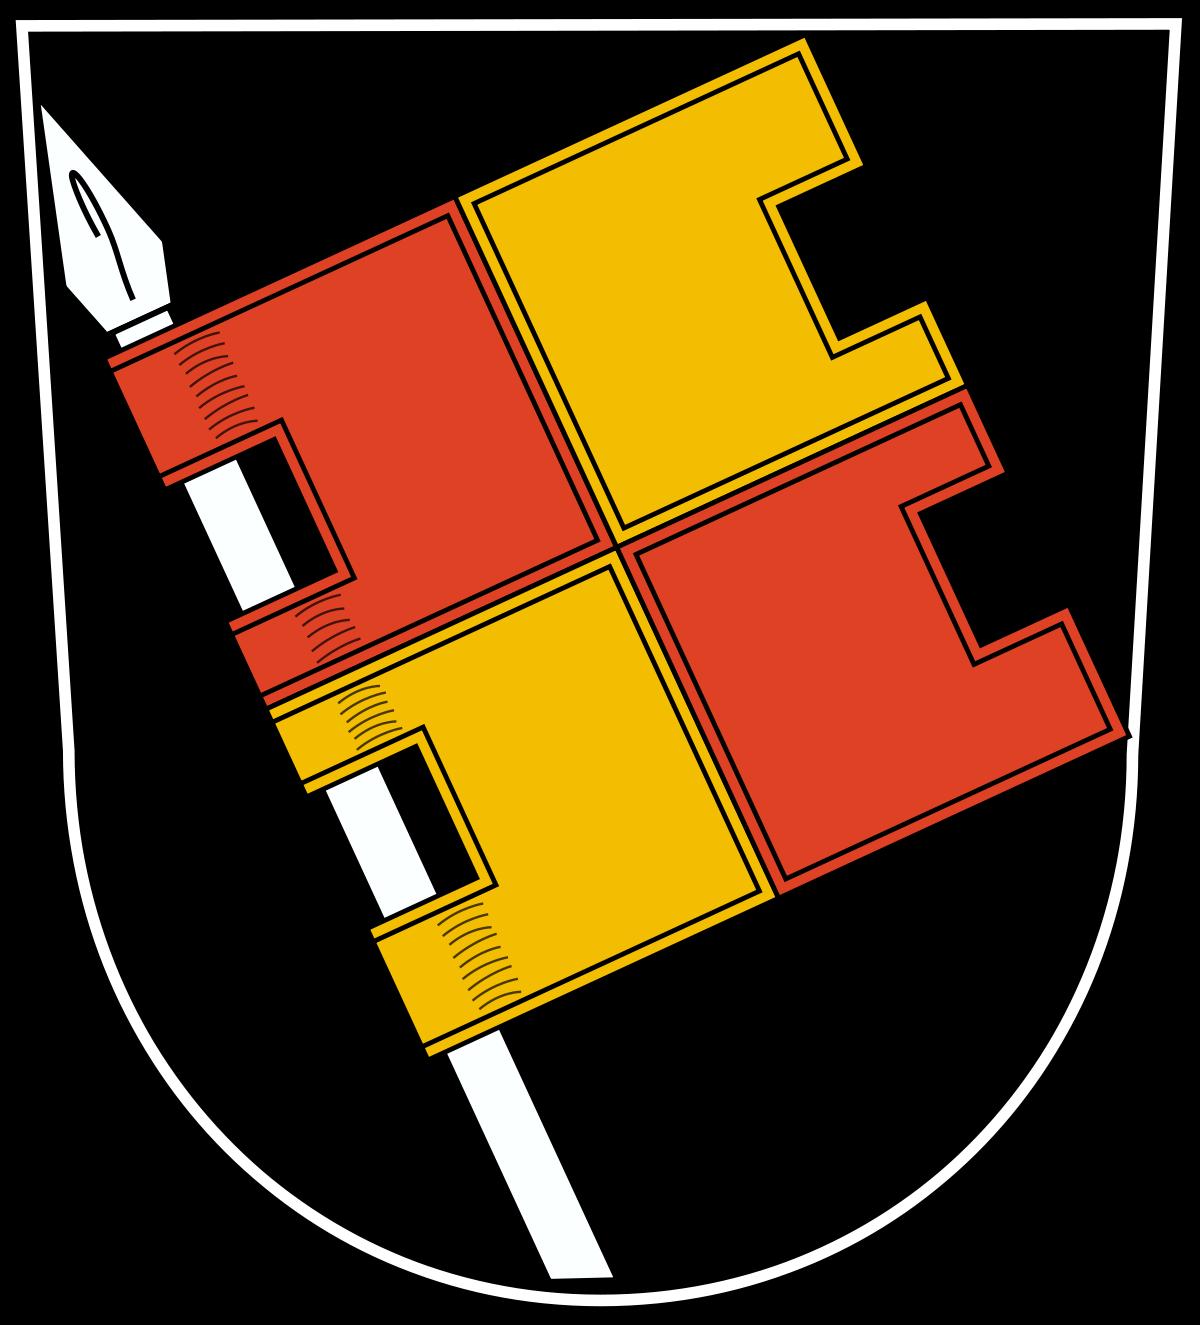 Liste der Baudenkmäler in Würzburg.